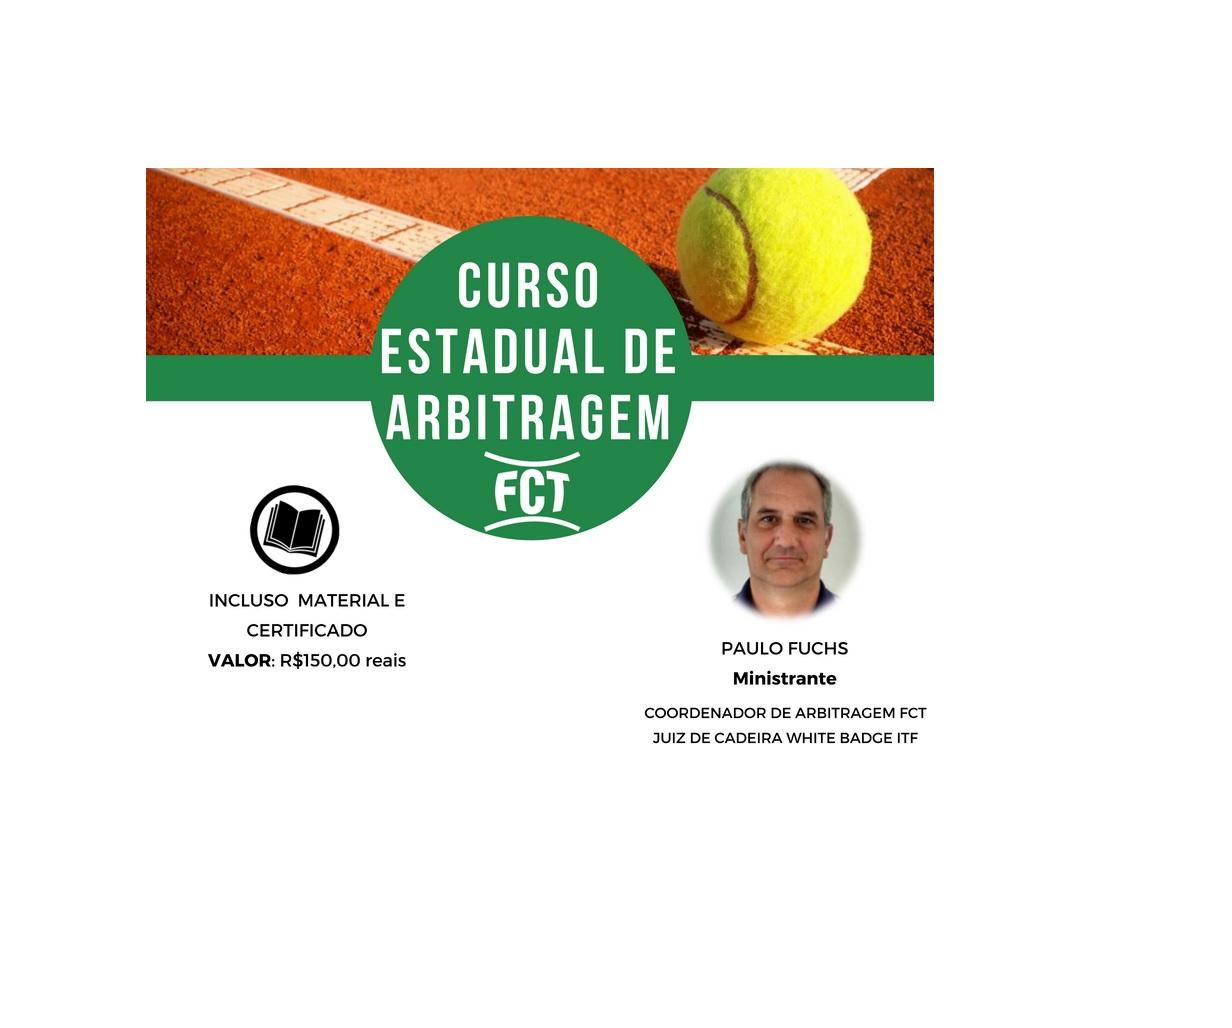 INSCRIÇÕES PRORROGADAS ATÉ SEGUNDA-FEIRA (12/11) PARA O CURSO ESTADUAL DE ARBITRAGEM DE TÊNIS